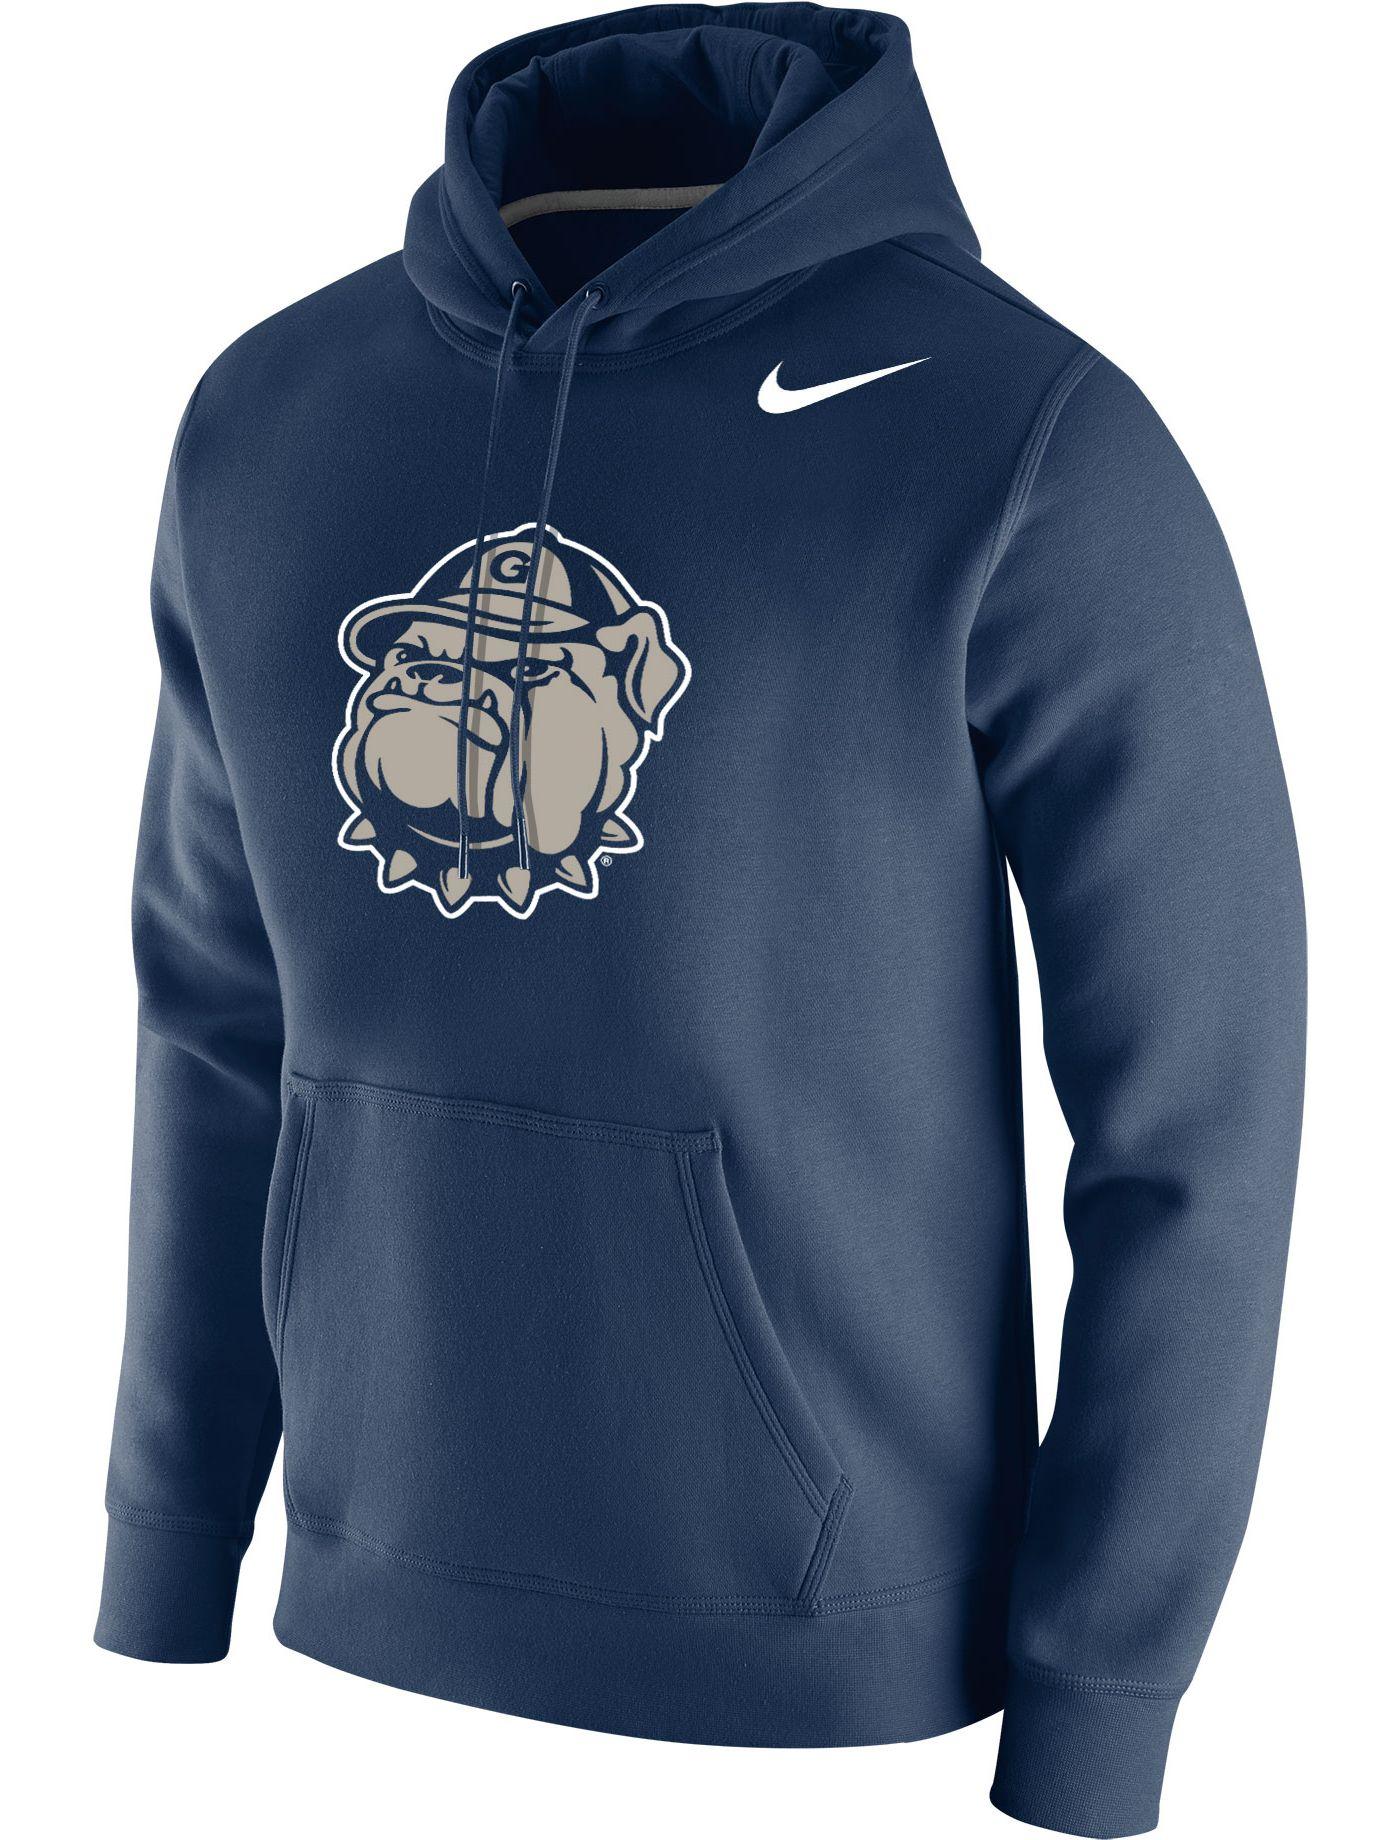 Nike Men's Georgetown Hoyas Blue Club Fleece Pullover Hoodie